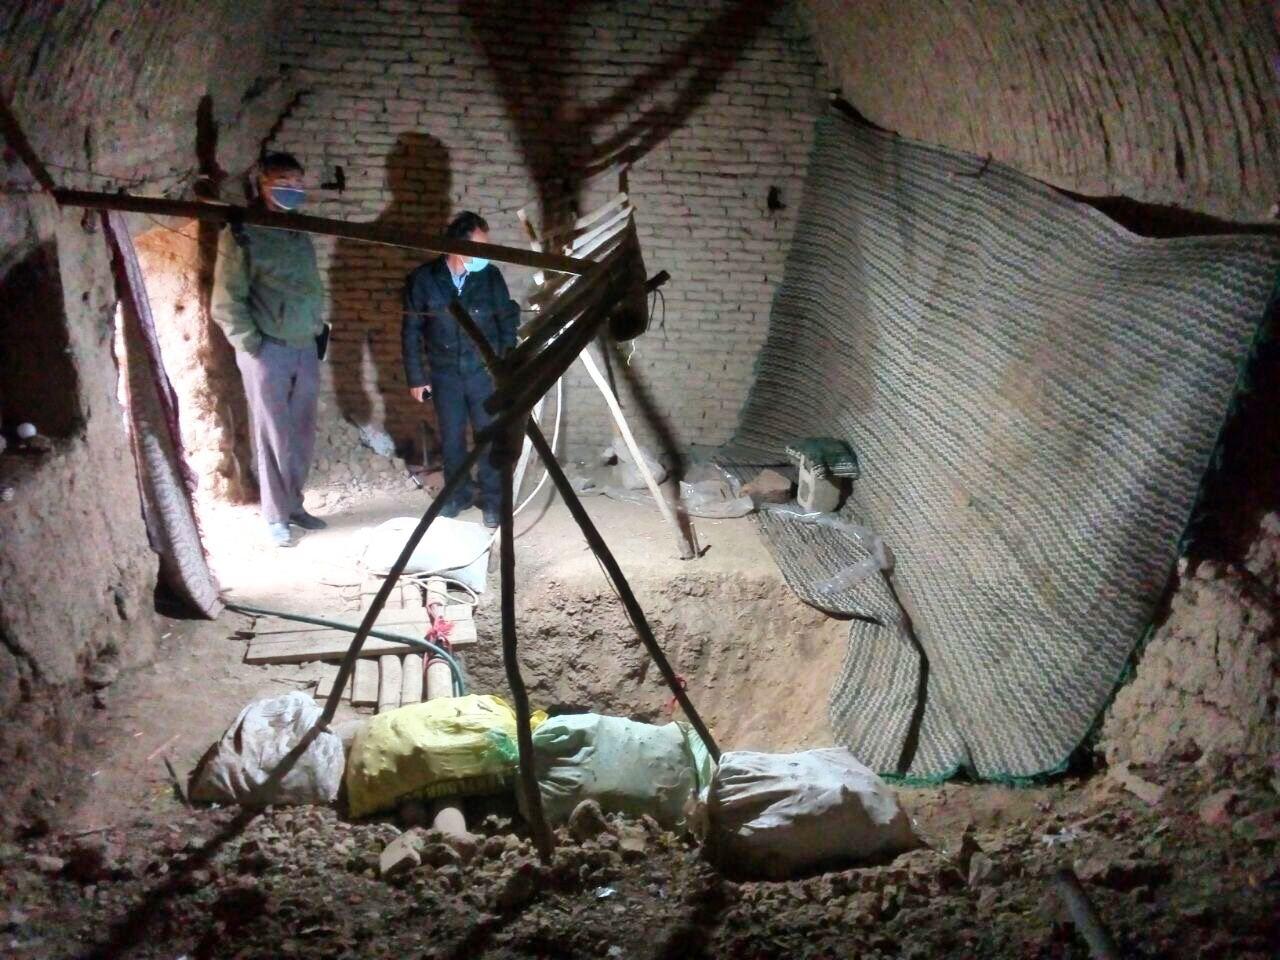 دستگیری چهار حفار غیرمجاز اشیا تاریخی در روستای دارگان بخش پیربکران